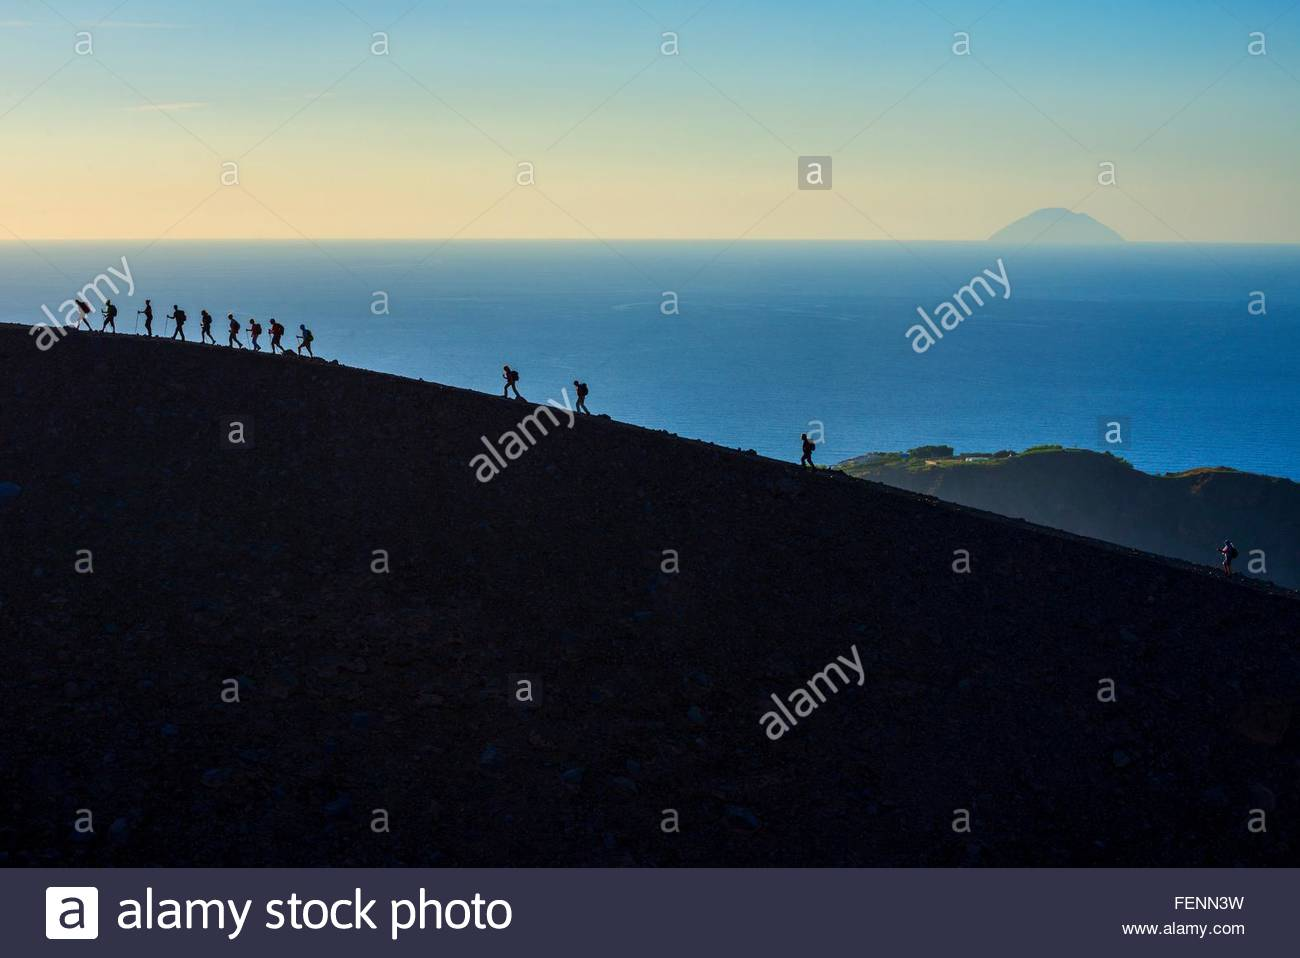 Grand groupe de touristes silhouette marcher rim au Gran Cratere, île de Vulcano, Iles Eoliennes, Sicile, Italie Photo Stock